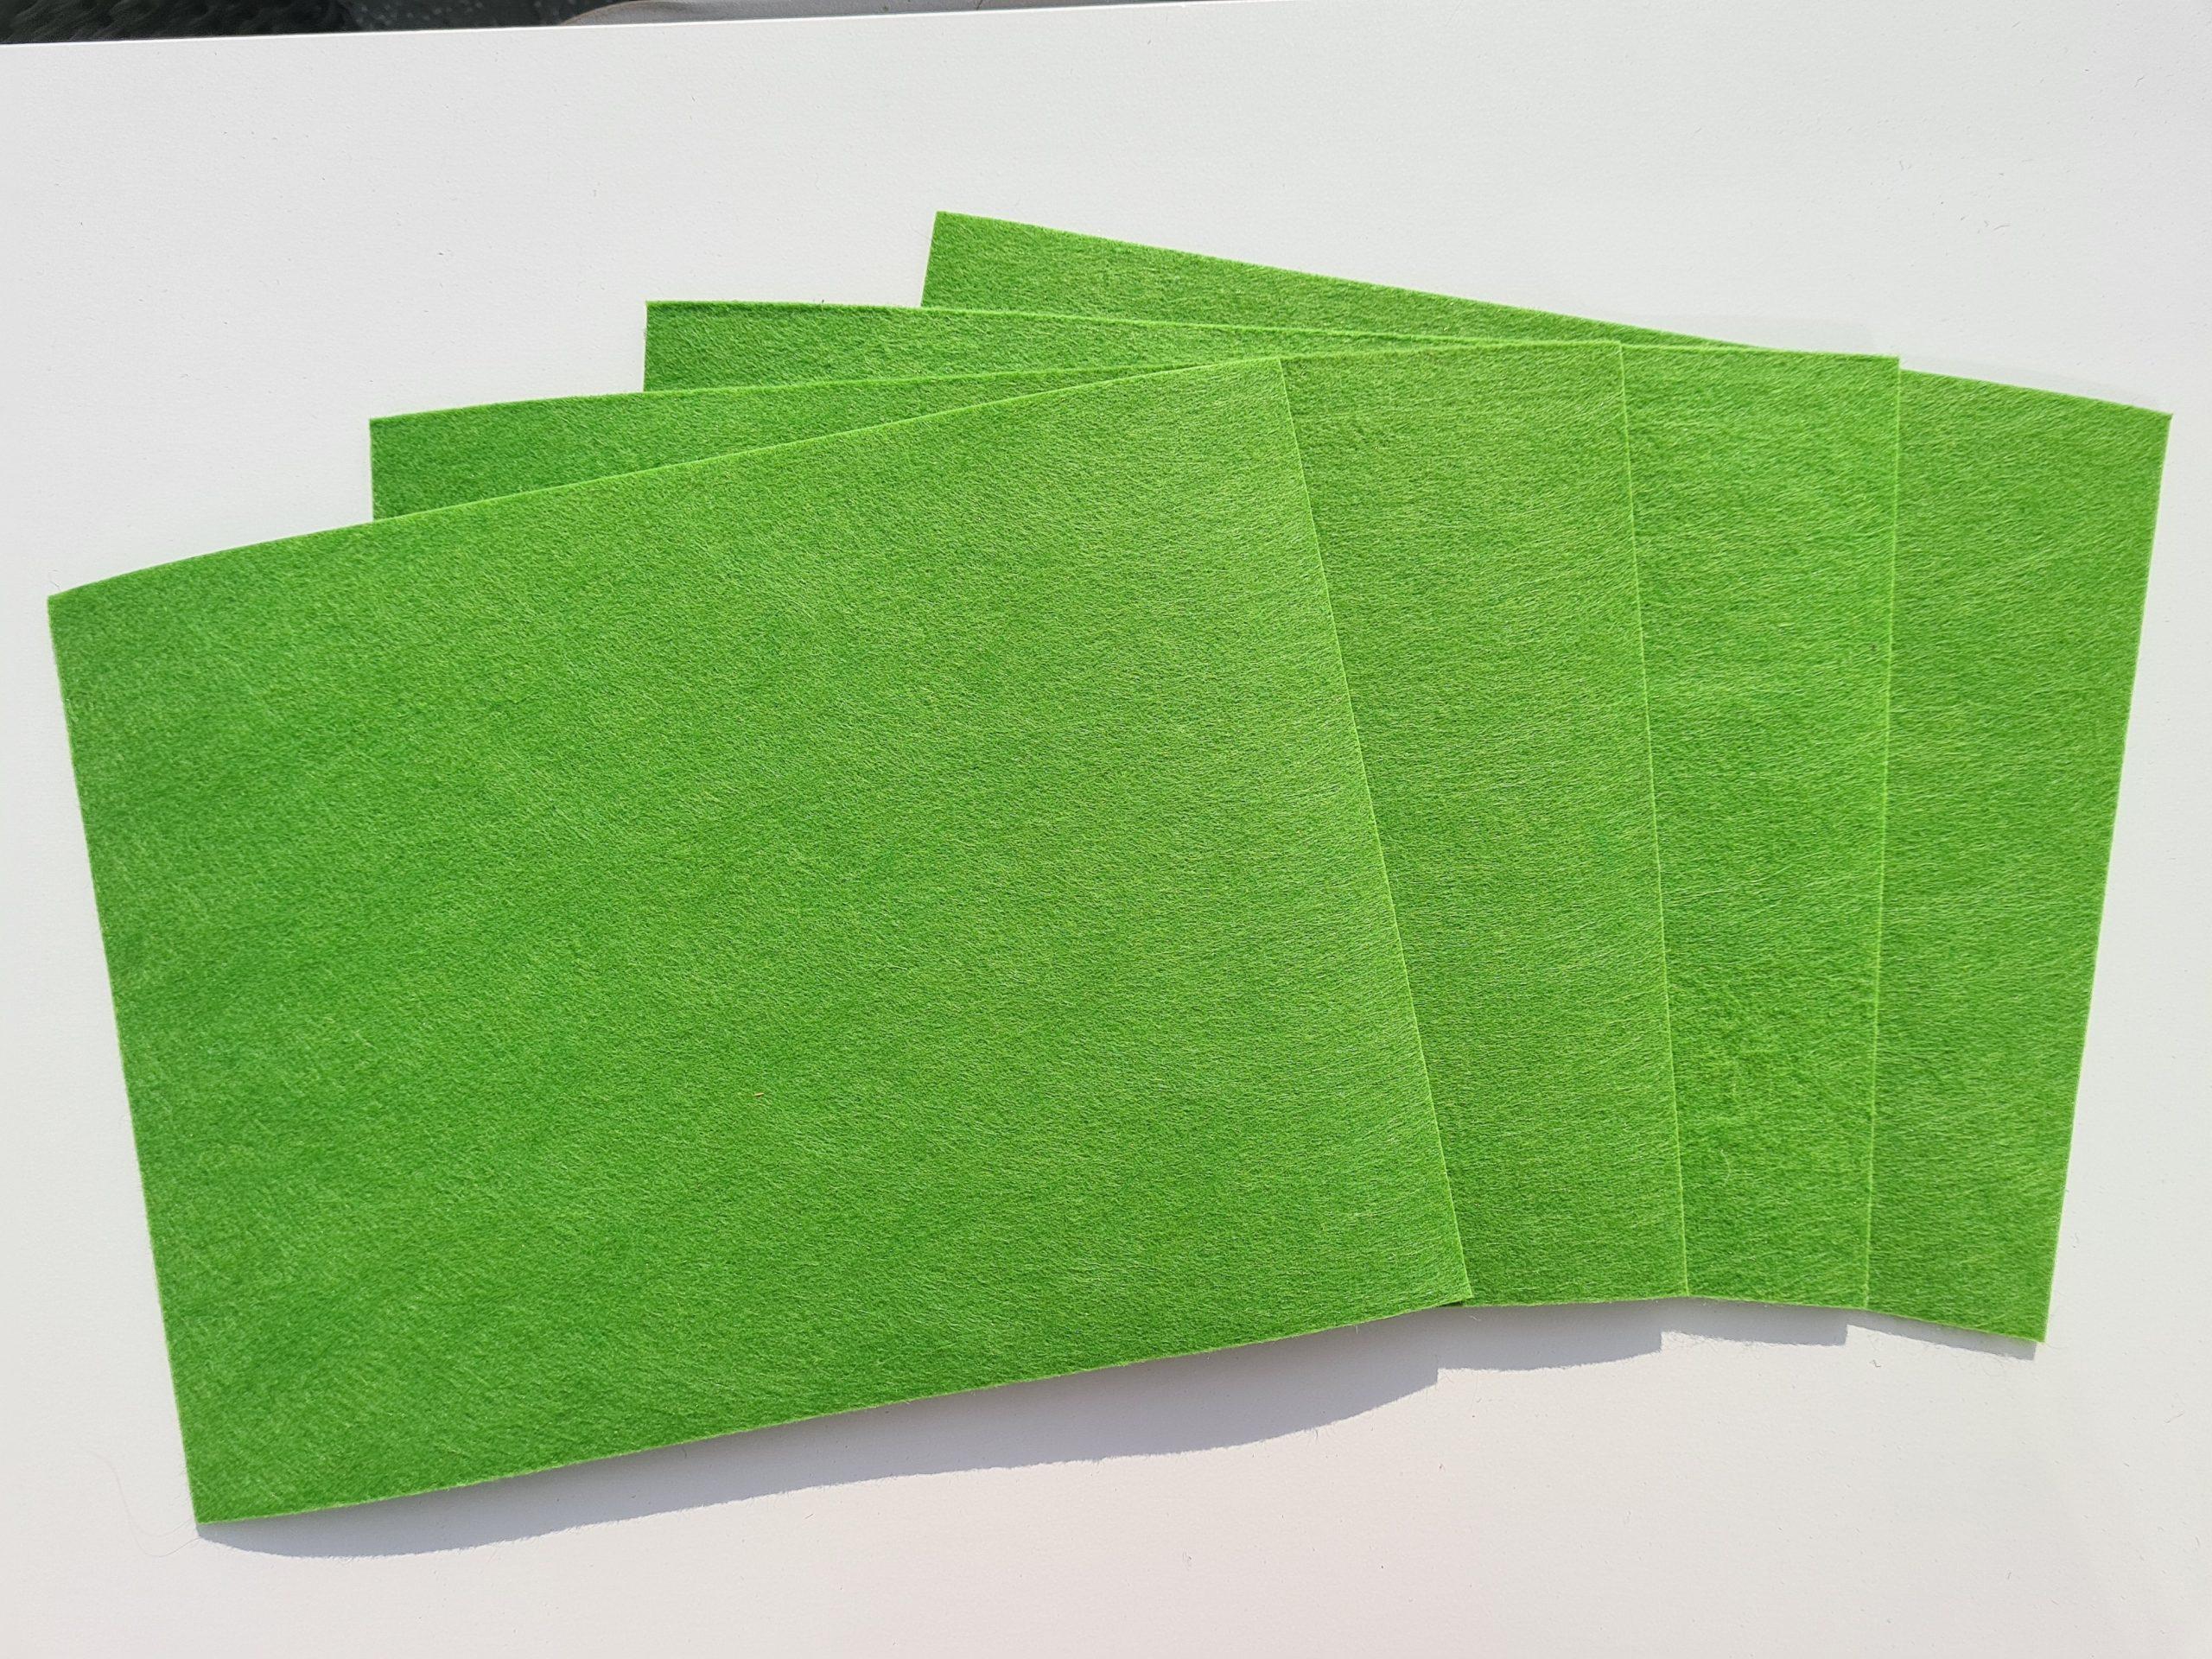 Grüner Filz-Untersetzter quadratisch - Handgemachte individualisierbare Taschen, Körbe, Tischsets, Dekoartikel und mehr auf fideko.de der Onlineshop seit 2011